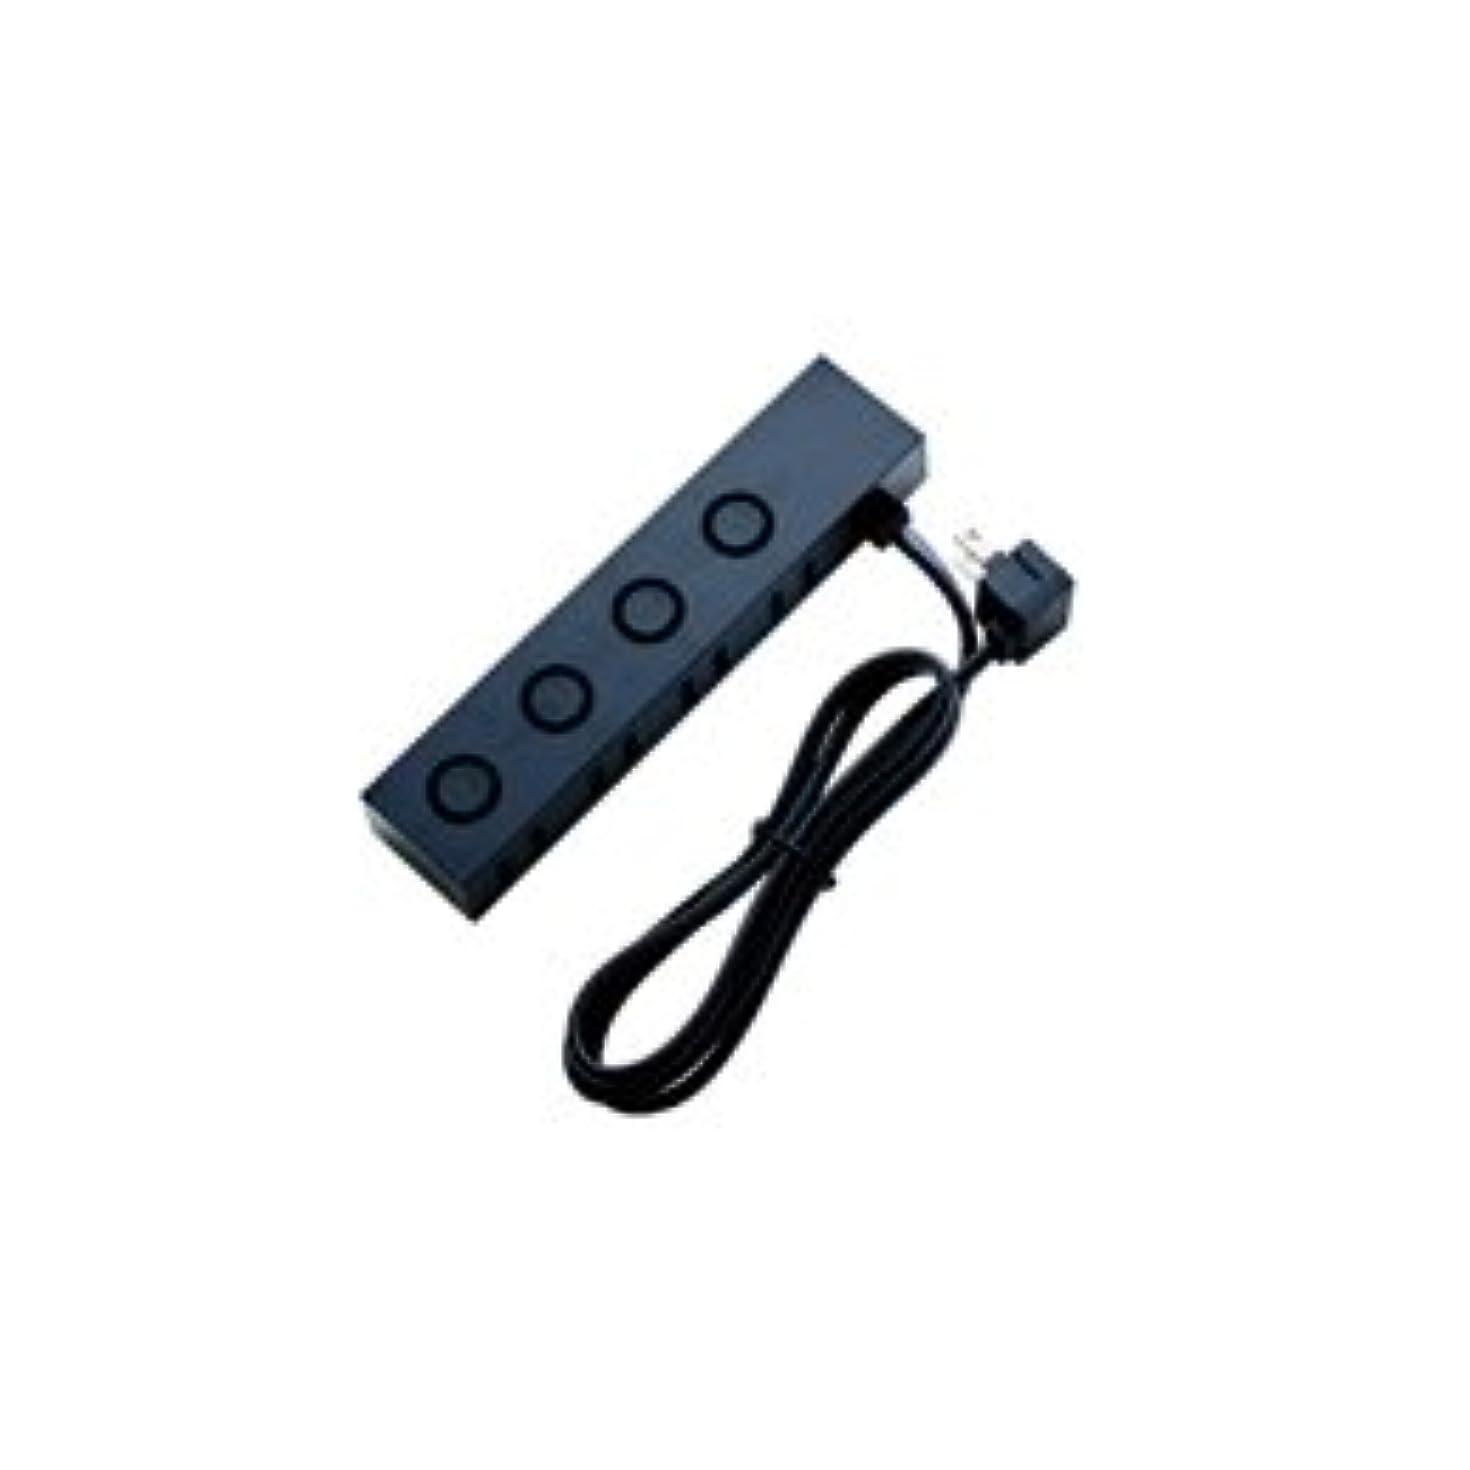 典型的な拡散する合金【まとめ 4セット】 エレコム デザインタップ/un modo/刃受けロック/4個口/1.0m/ブラック AVT-D6-2410BK